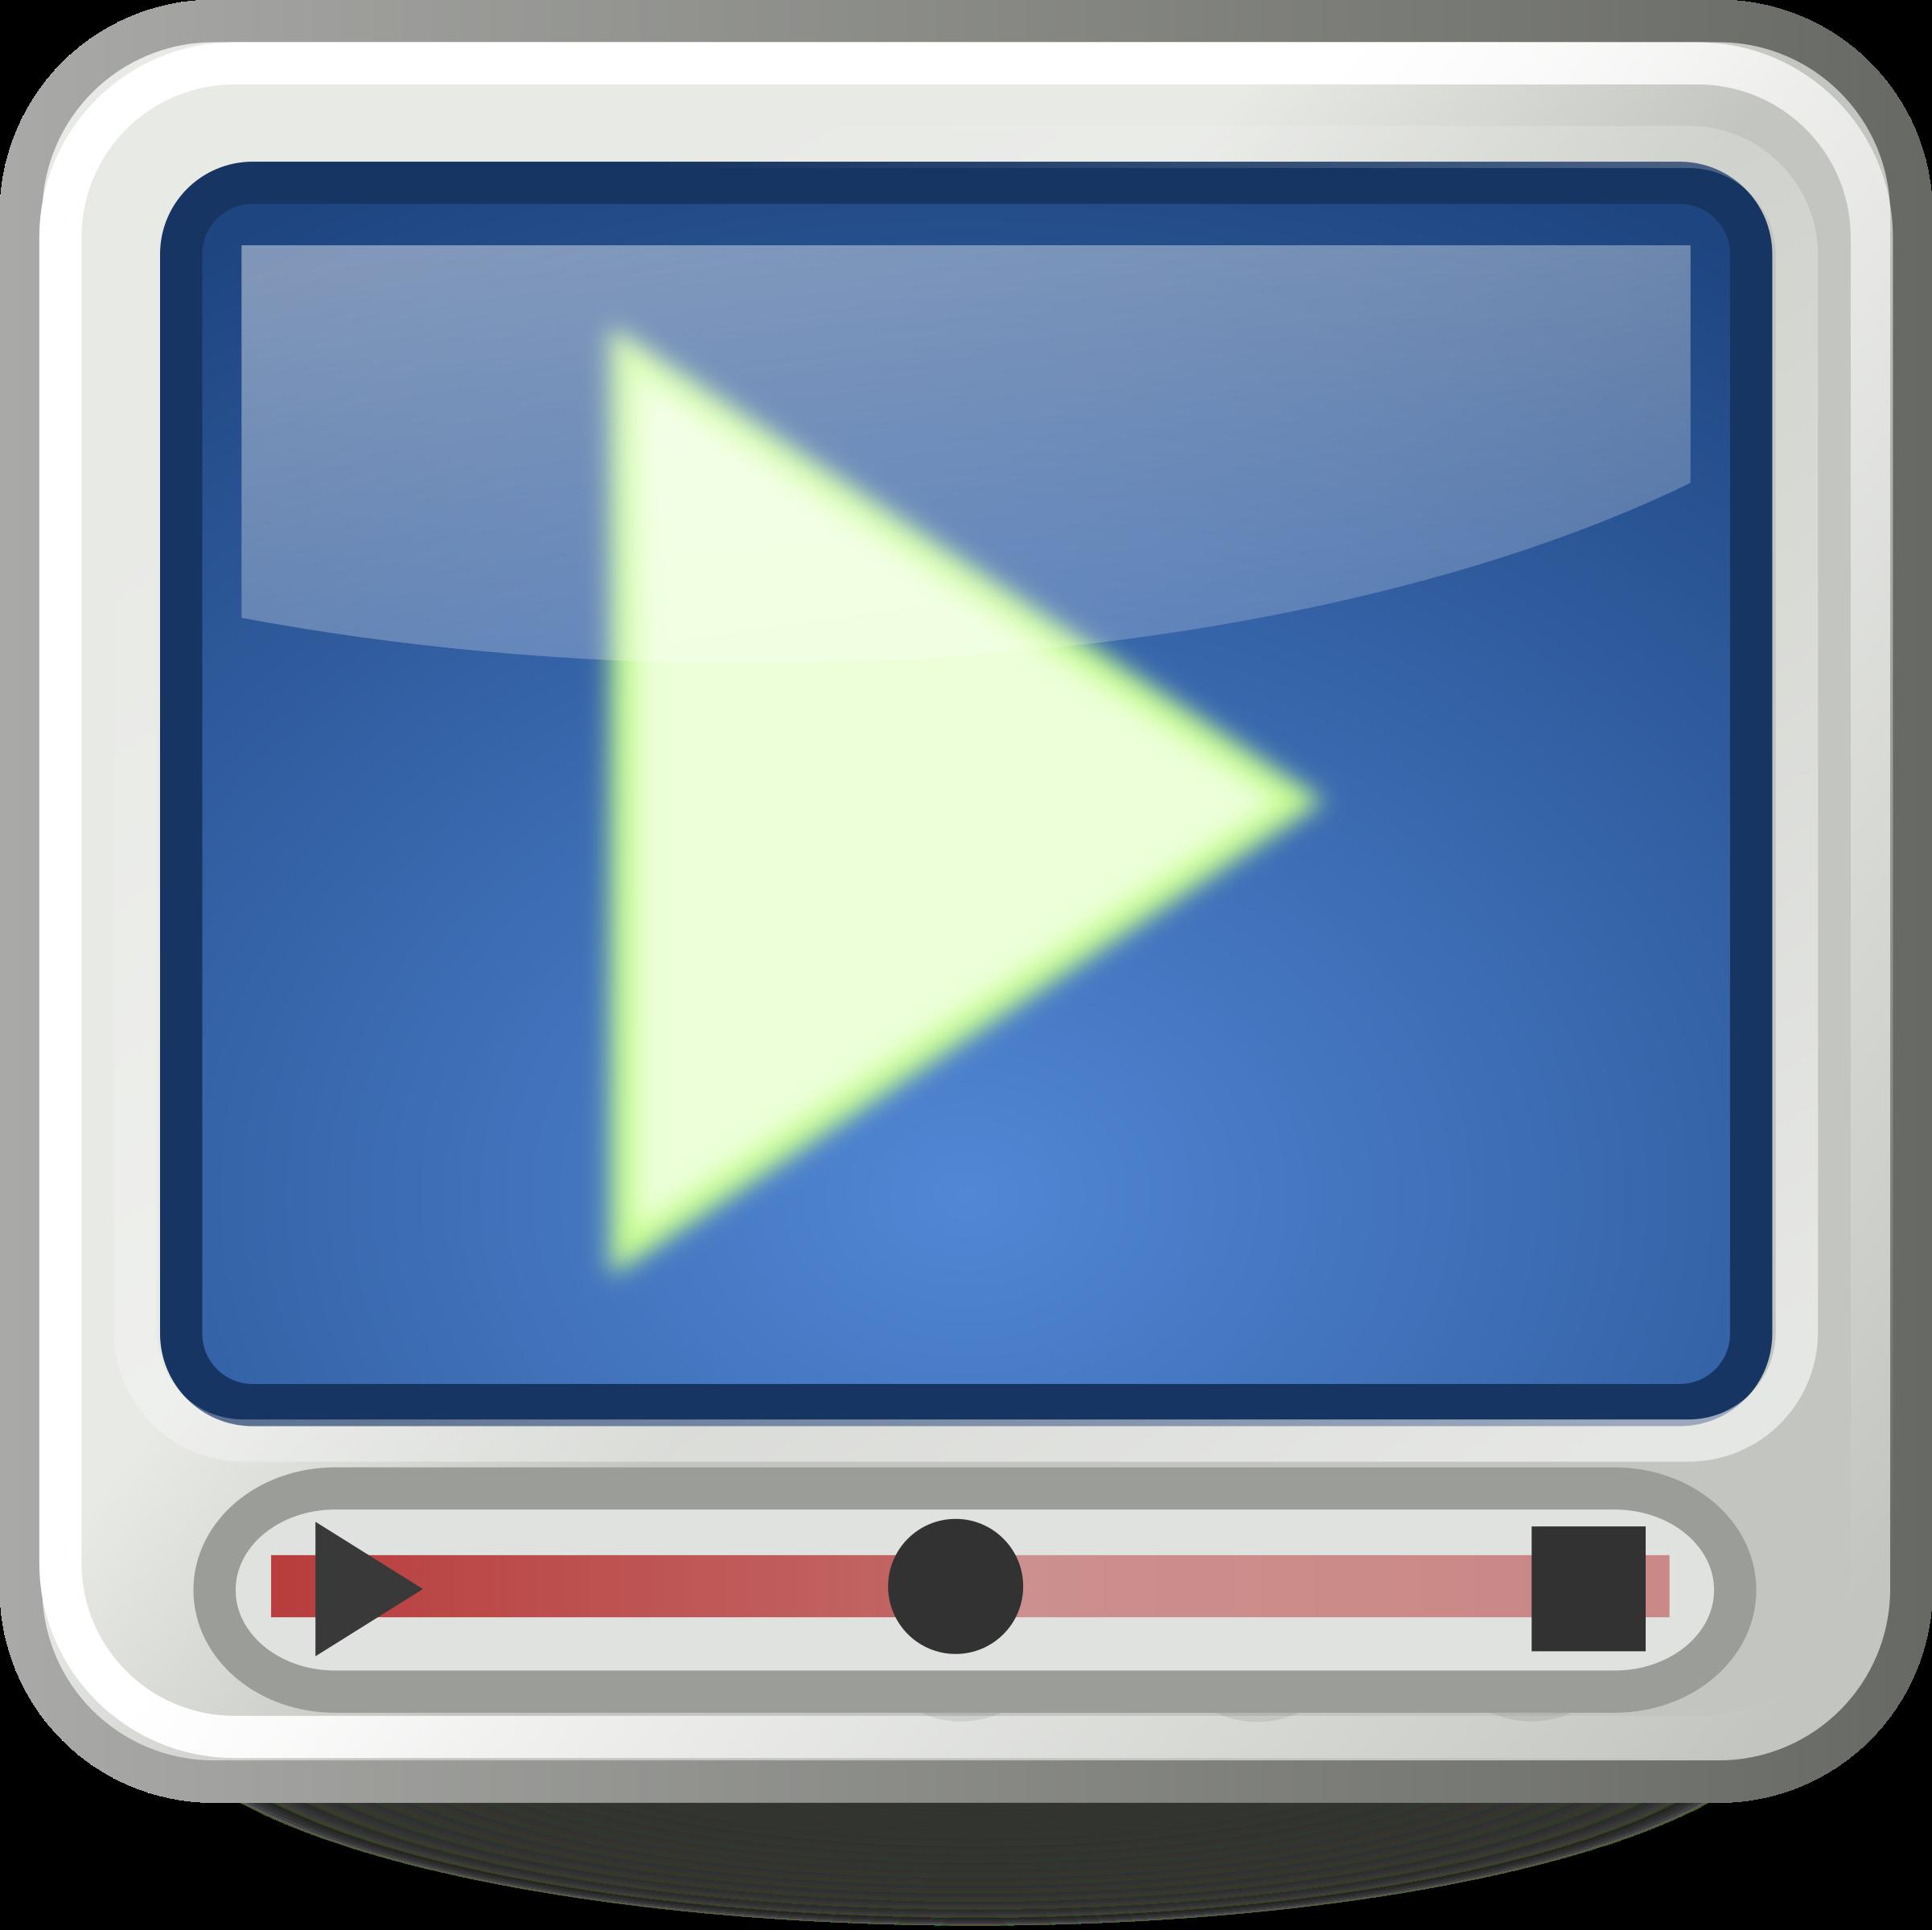 Une vidéo en ligne